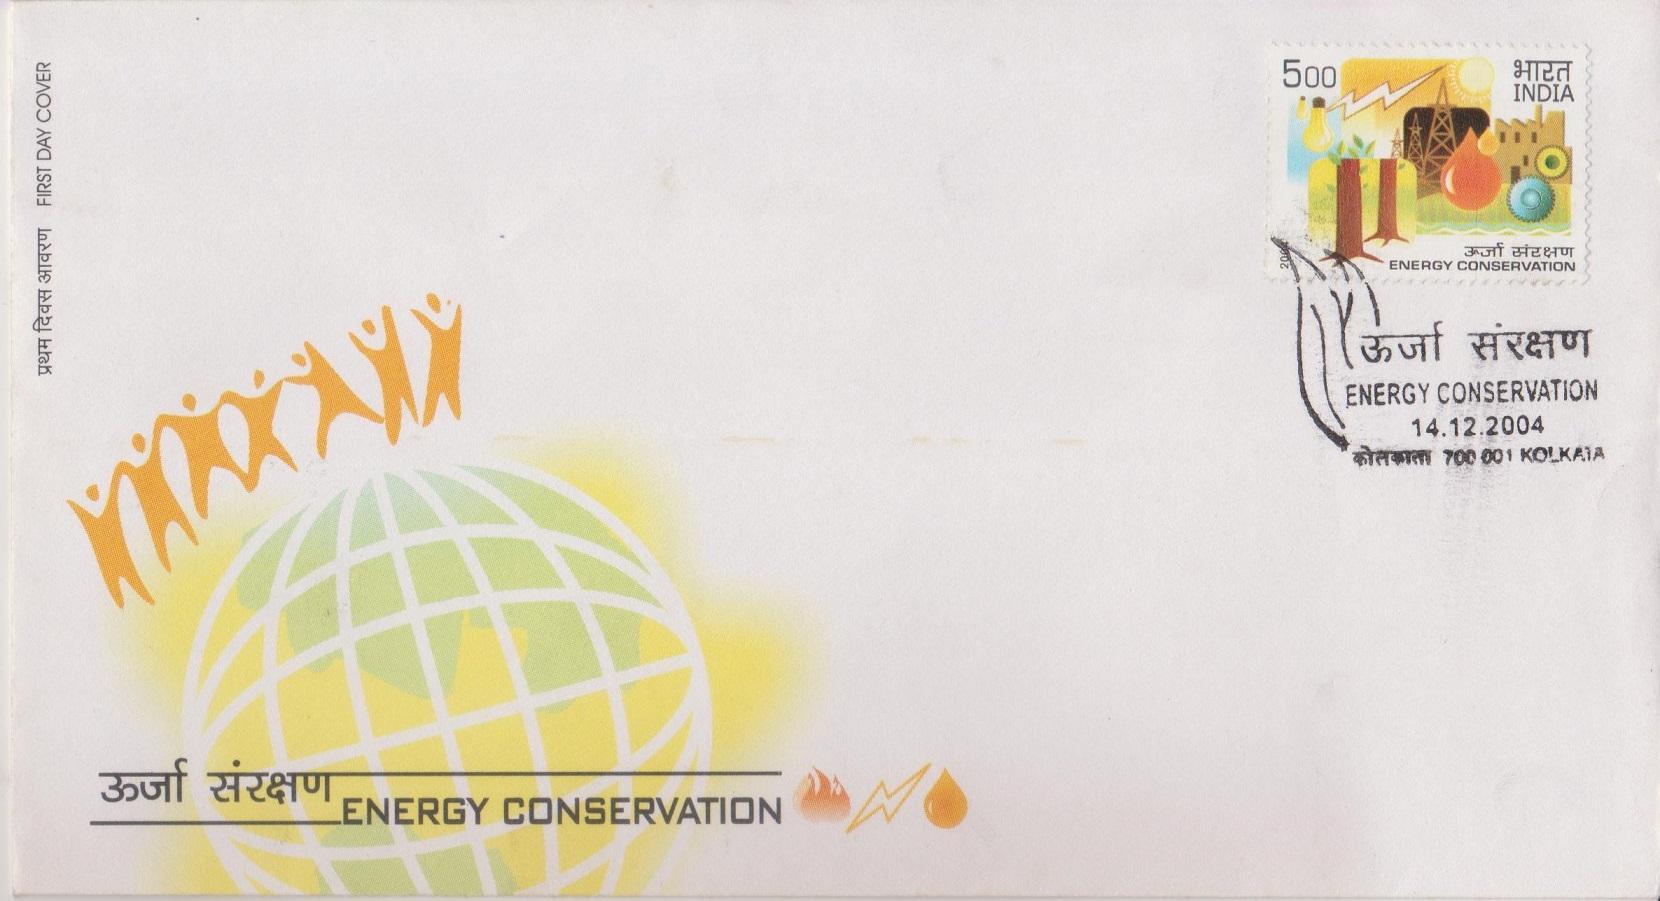 ऊर्जा संरक्षण